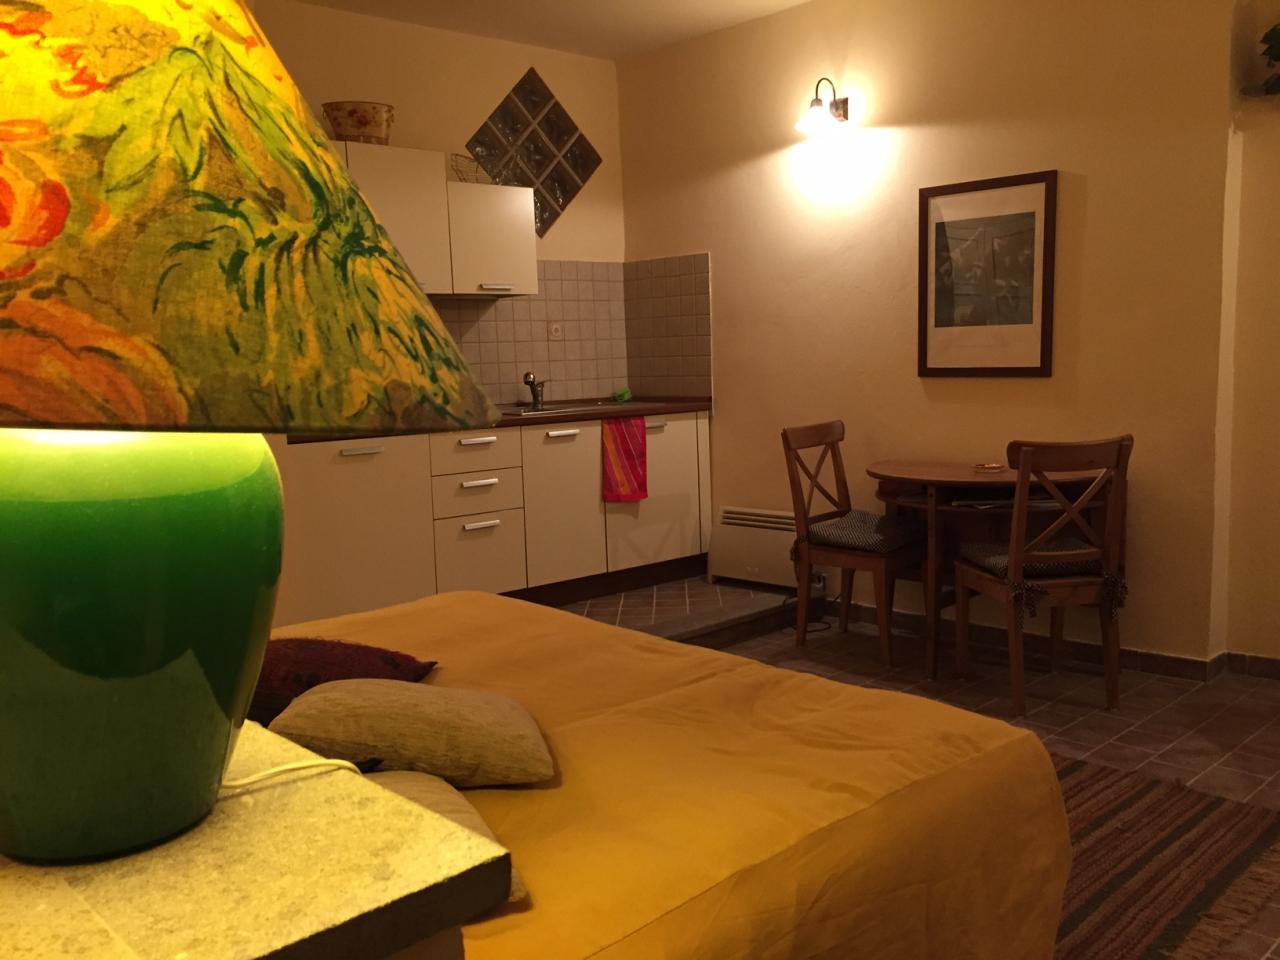 Appartamento in affitto a Viterbo, 1 locali, zona Zona: Centro, prezzo € 350 | Cambio Casa.it